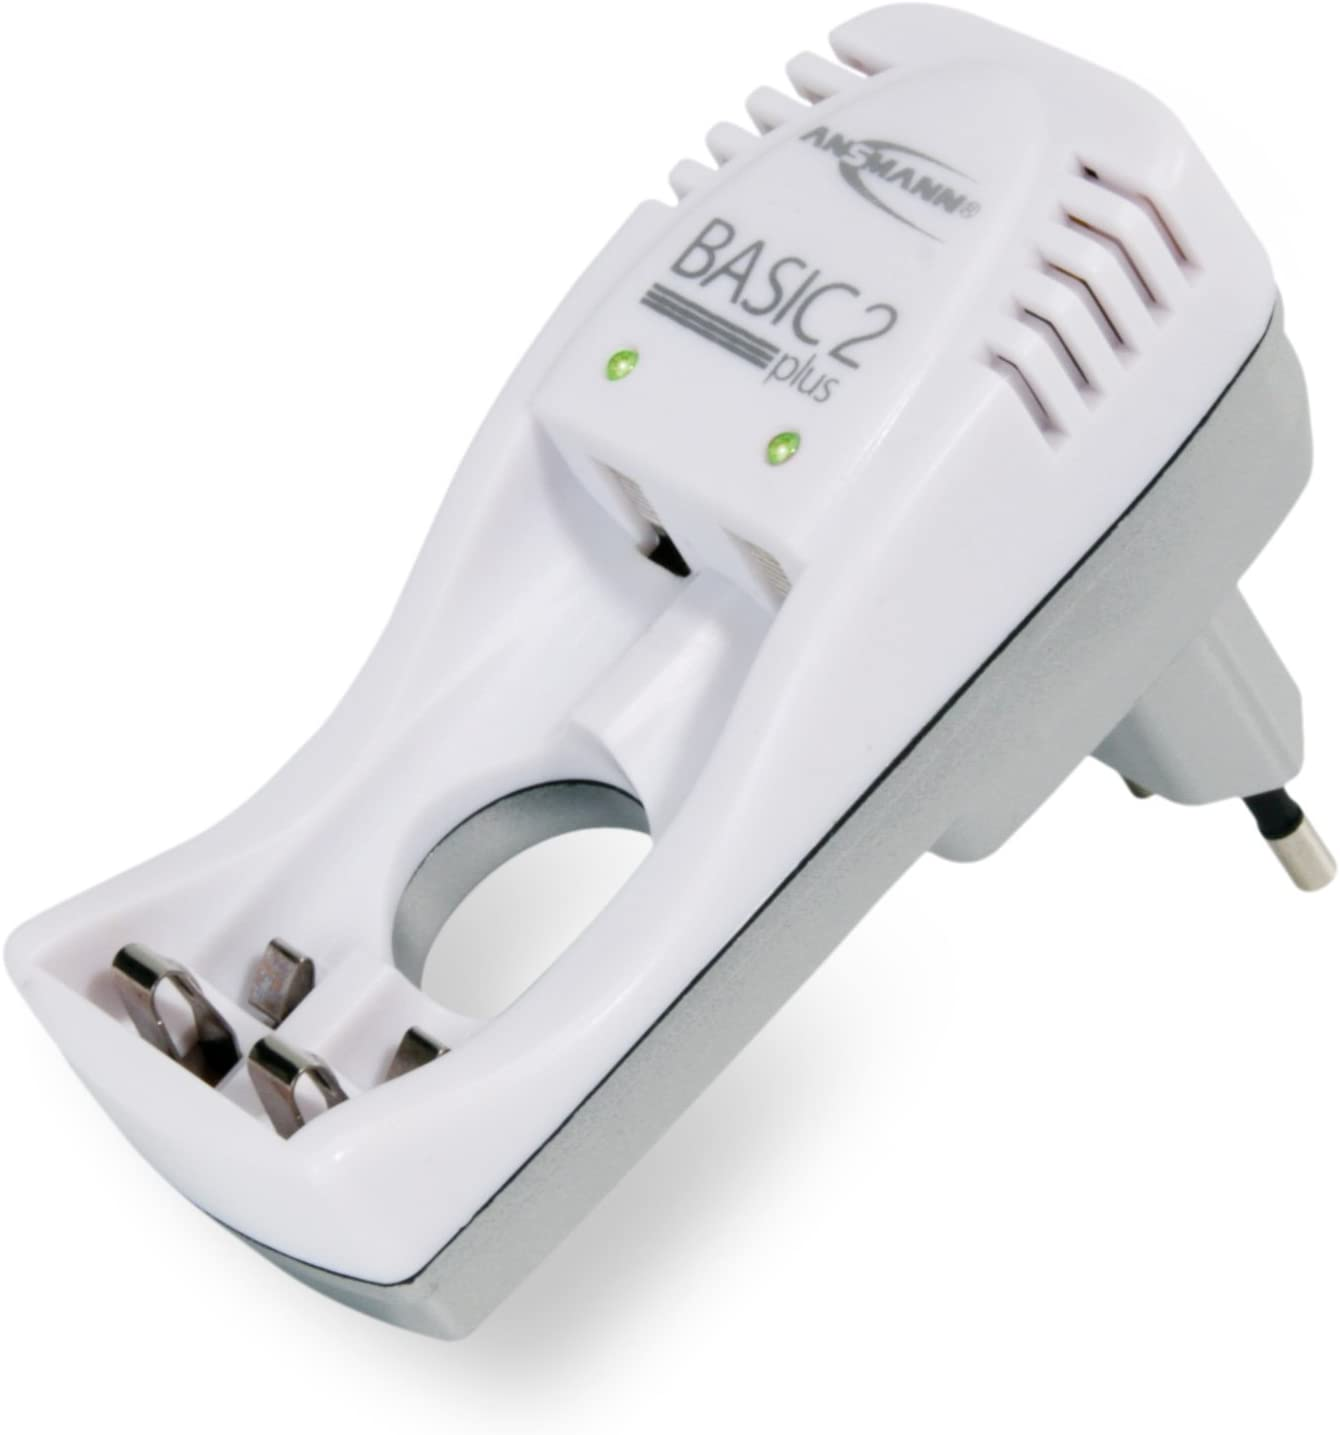 Mit Ladeanzeige  Verpolschutz /& automatischer Ladestromanpassung ANSMANN Basic 2 plus Stecker-Ladeger/ät f/ür 1-2 NiMH oder NiCd Akkus Dauerladeger/ät f/ür Micro AAA /& Mignon AA